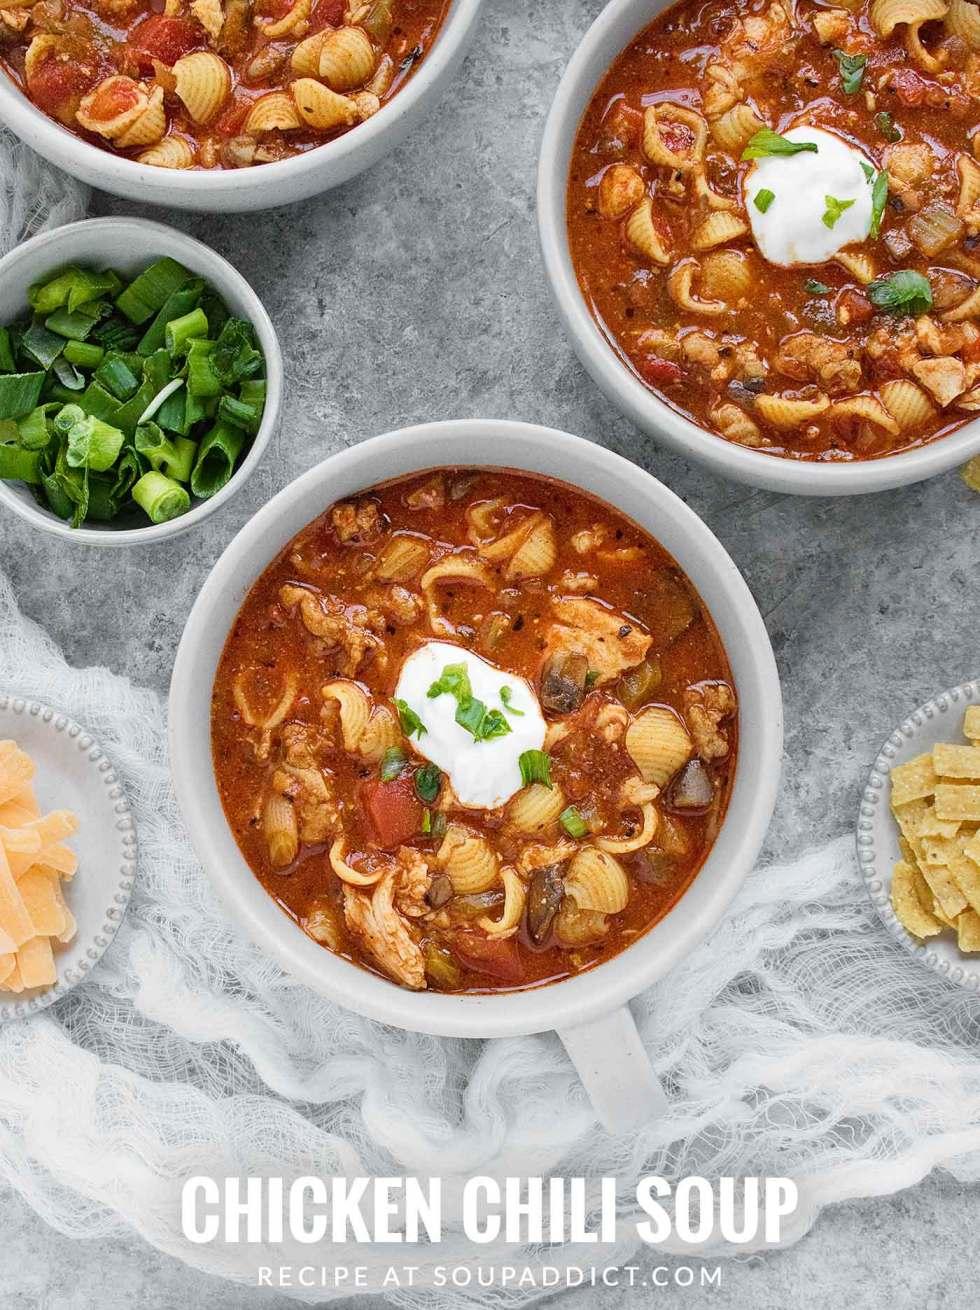 Chicken Chili Soup - Recipe at SoupAddict.com